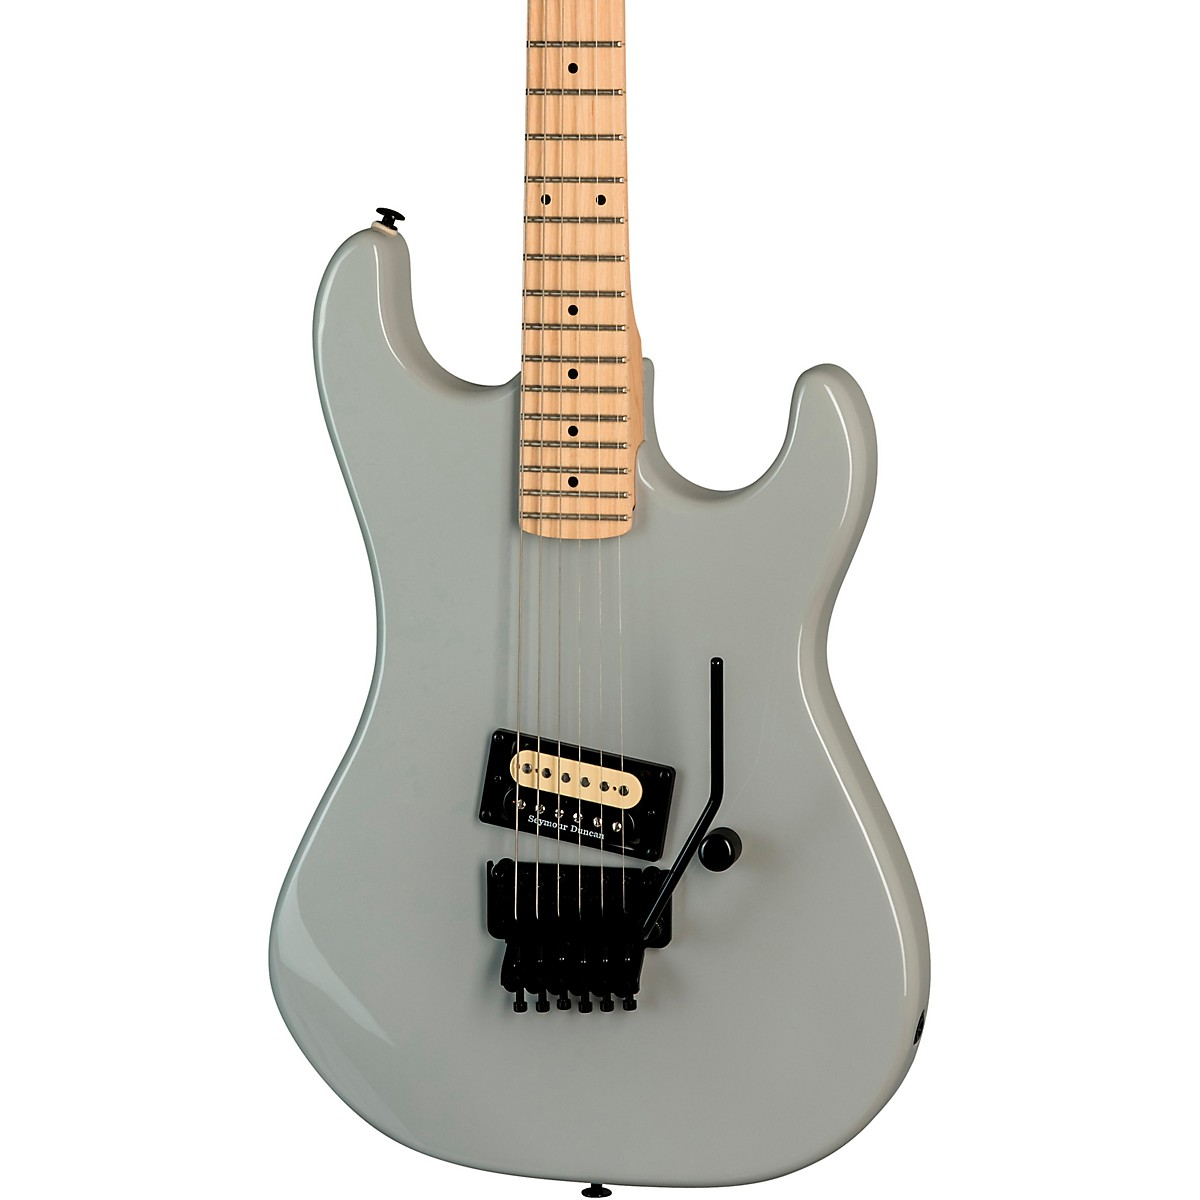 Kramer Barretta Vintage Electric Guitar